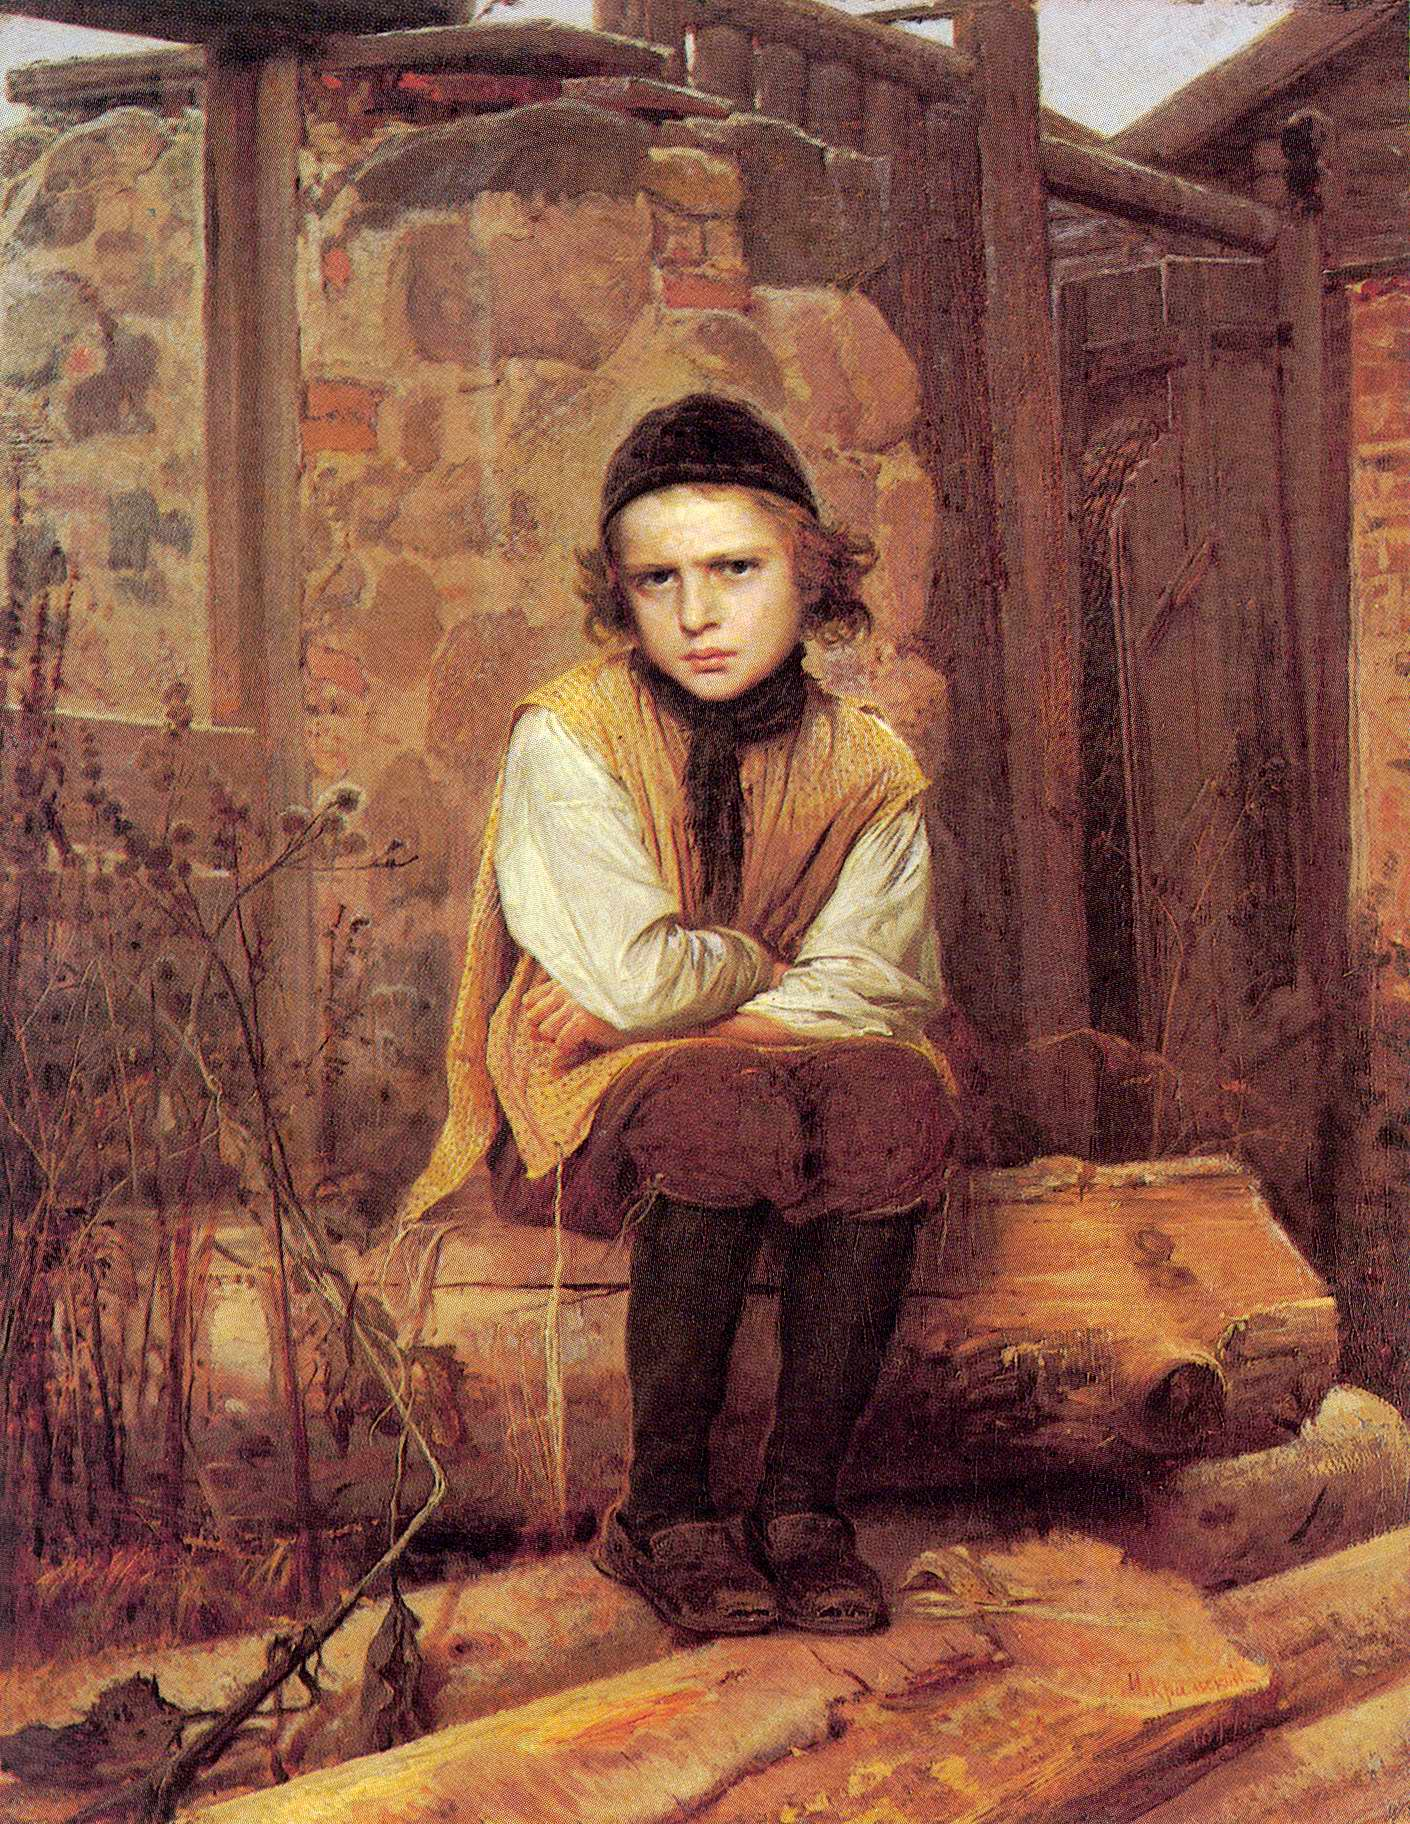 Оскорбленный еврейский мальчик, Крамской Иван Николаевич